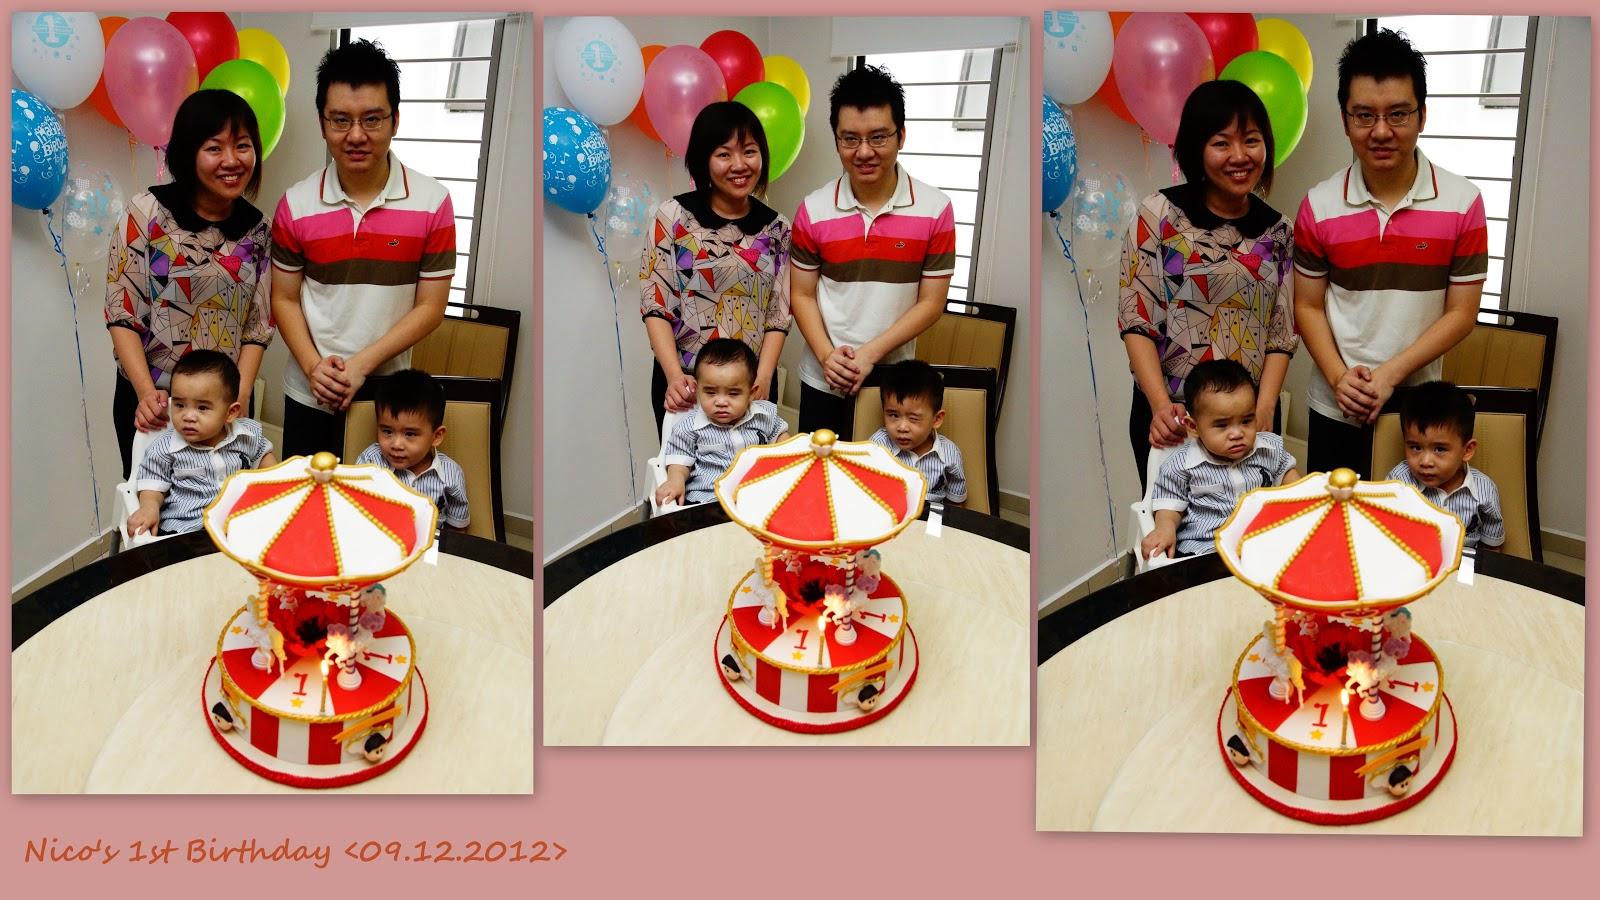 Happy 1st Birthday To You Nico Boy Daddy Mummy Kimi Kor Wish And Healthy Always LOVE YOU